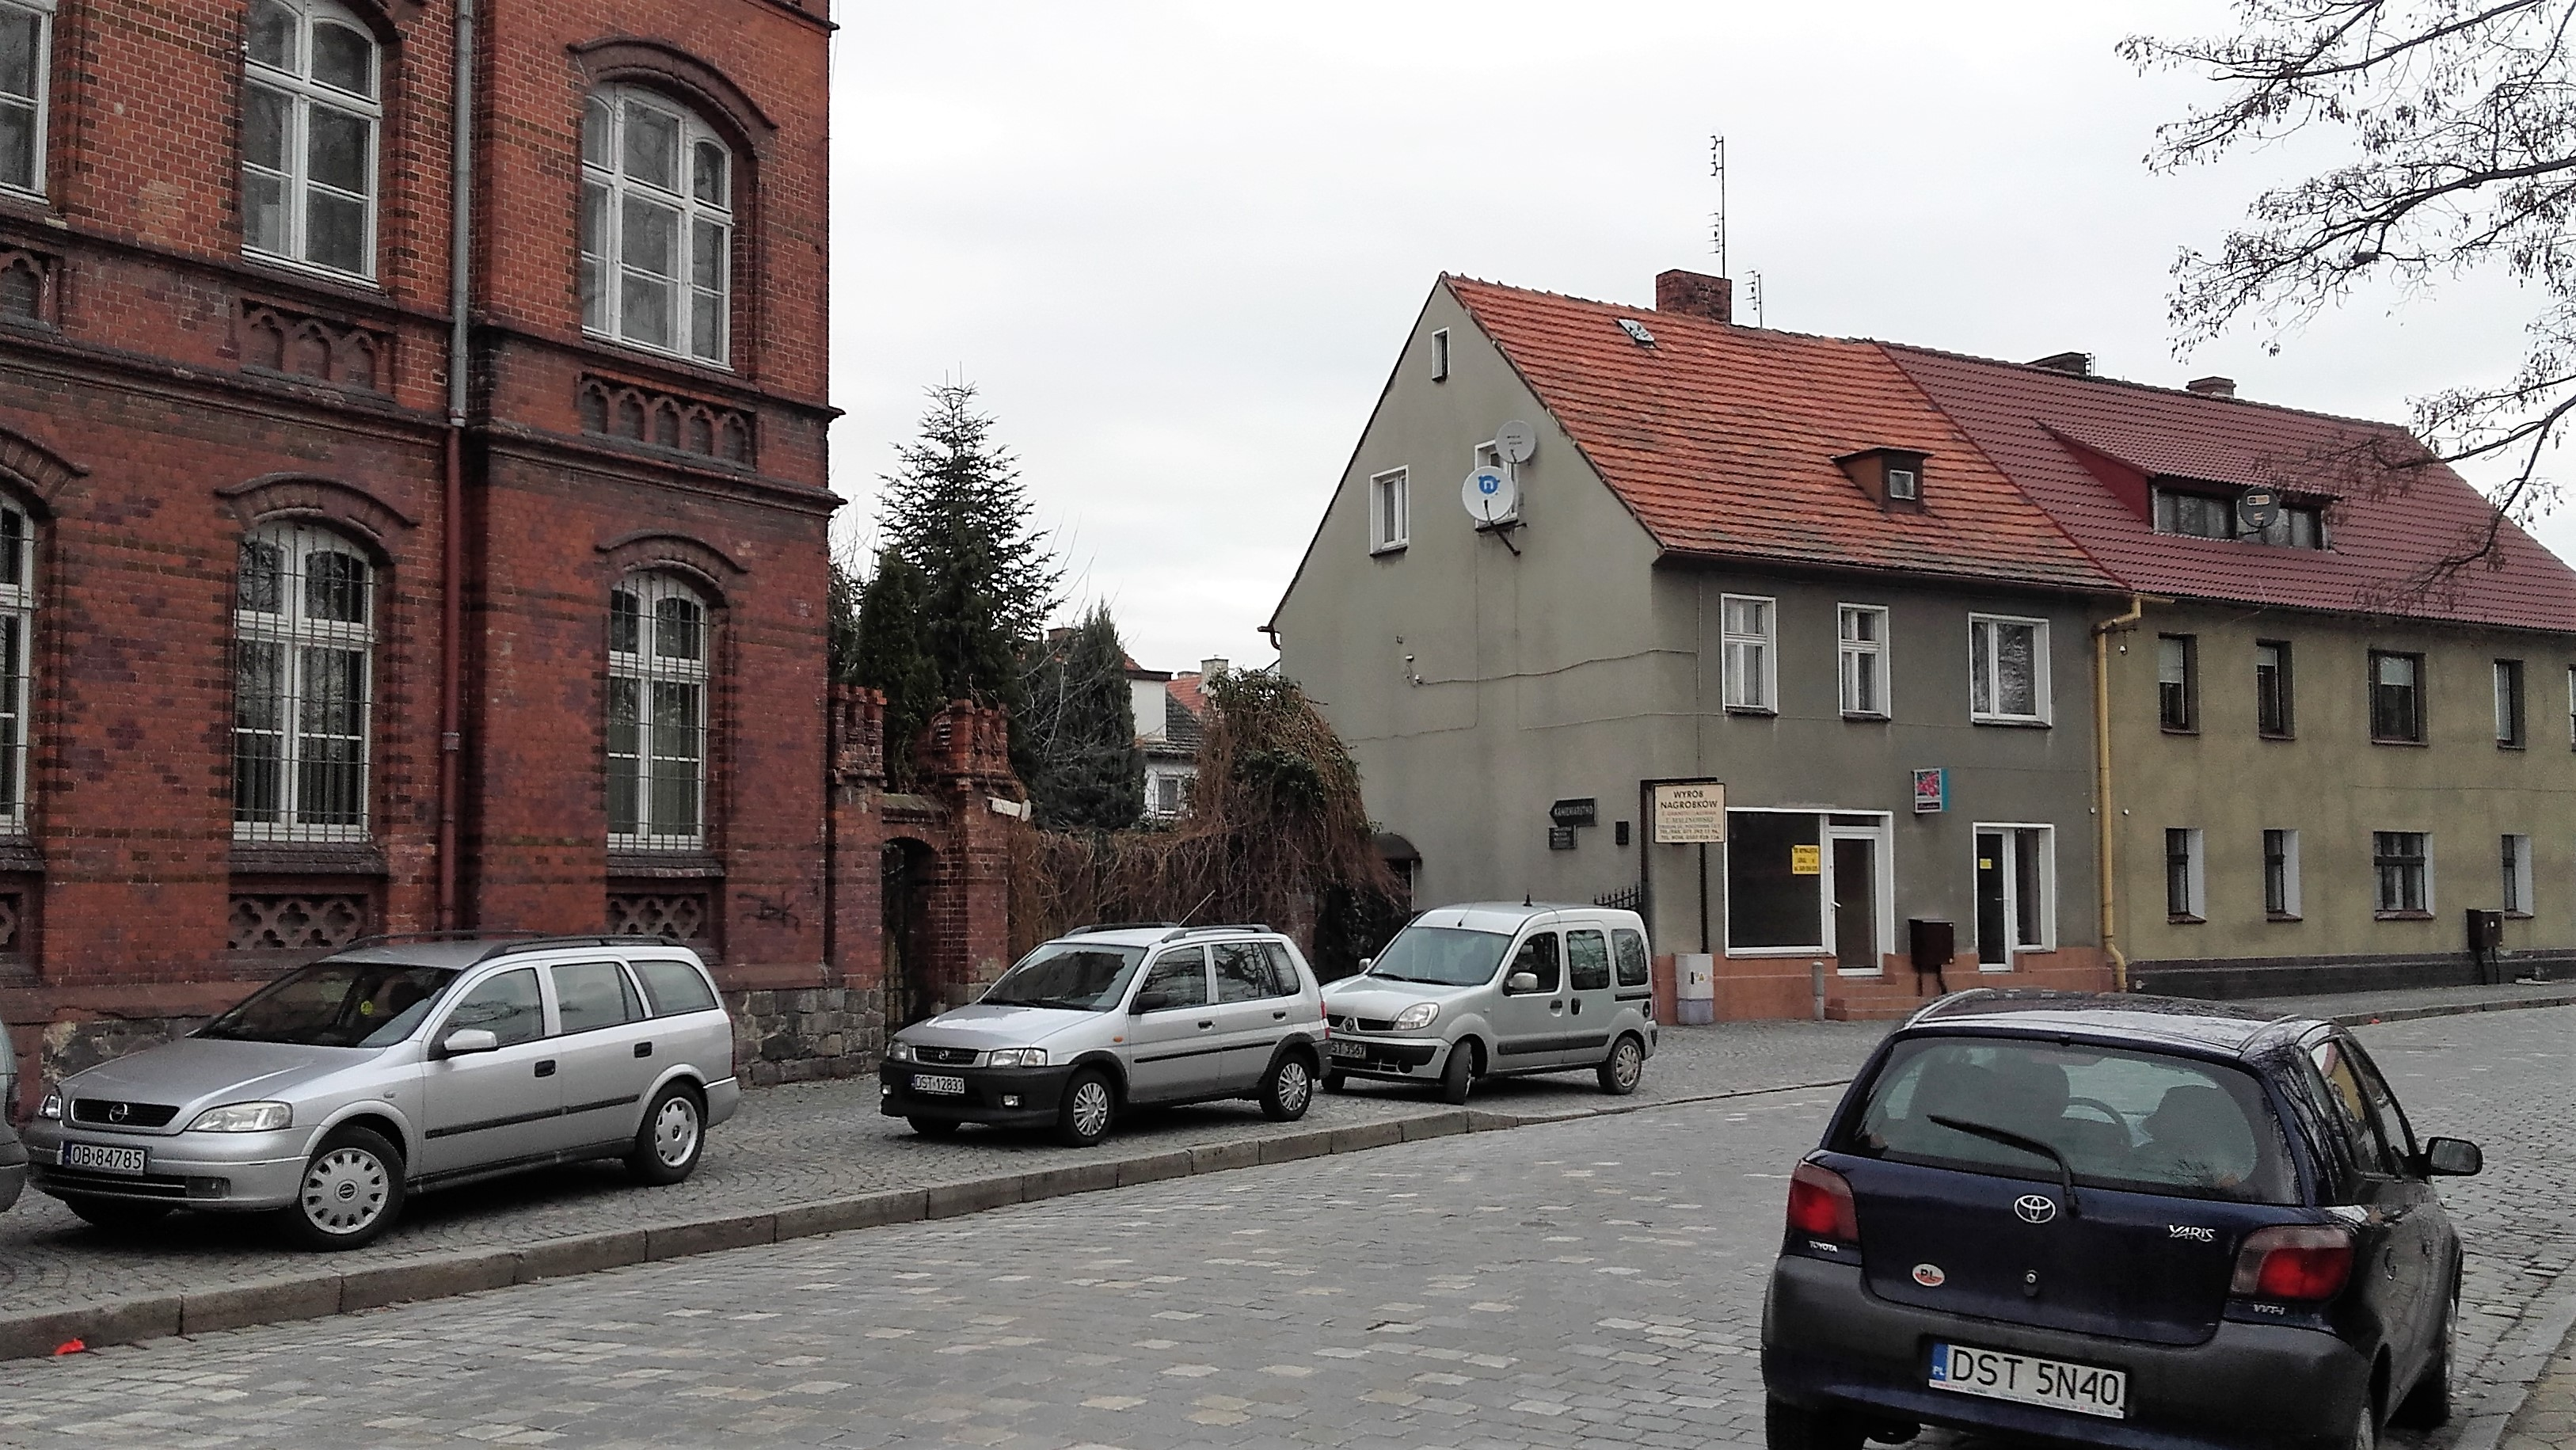 Lokal do wynajęcia w Strzelinie